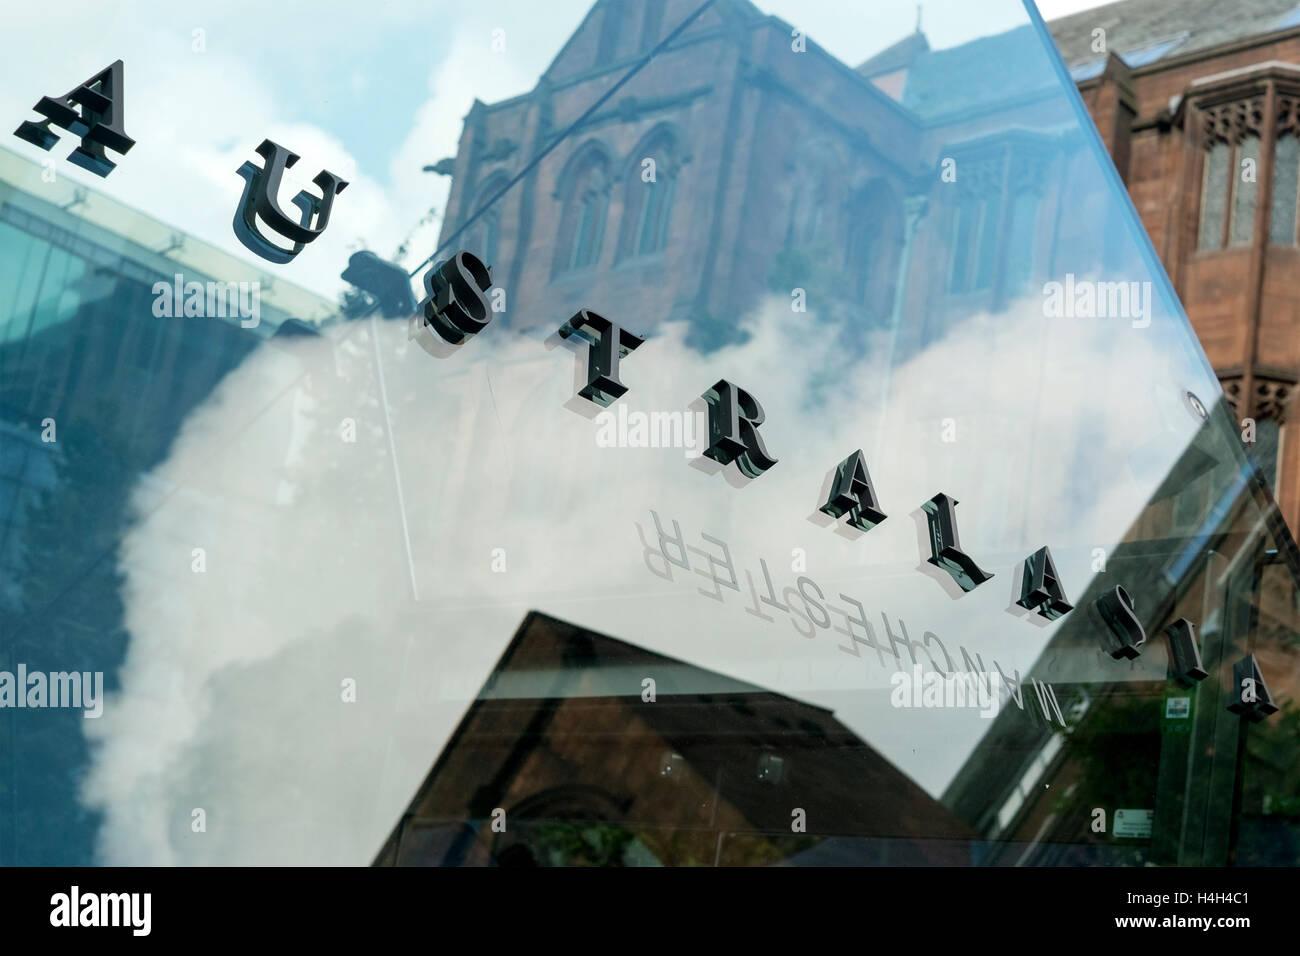 Australasia bar & restaurant situato in sotterraneo sul Manchester Deansgate, Manchester, Regno Unito. Immagini Stock